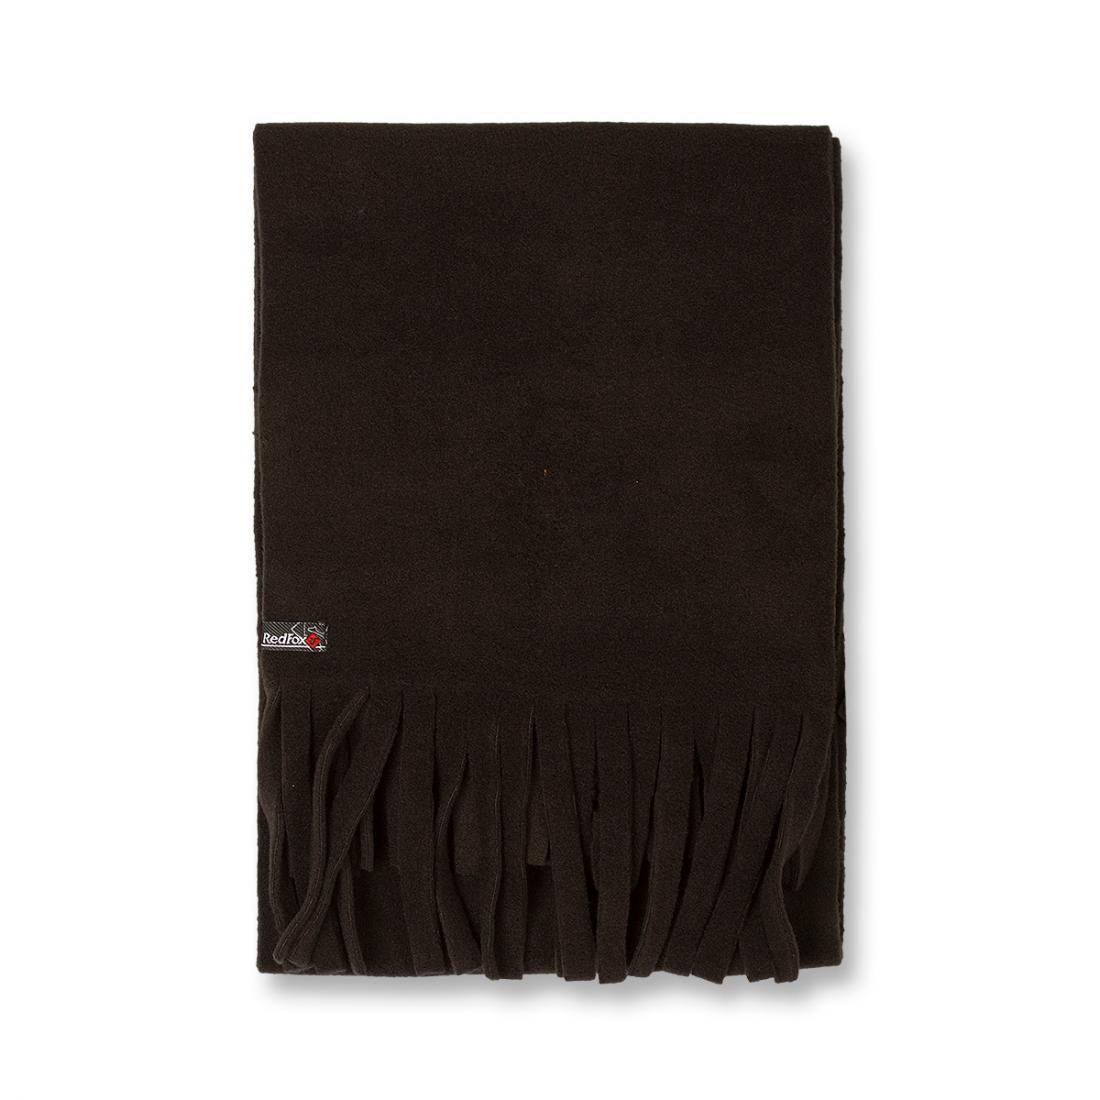 Шарф Polartec 200Шарфы<br>Классический шарф в современном исполнении из материала Polartec® 200.<br> <br> Особенности<br><br>Основное назначение: Повседневное городское использование<br>Материал: Polartec® 200, 100% Polyester Knit, 252 g/sqm<br><br>Разм...<br><br>Цвет: Черный<br>Размер: None